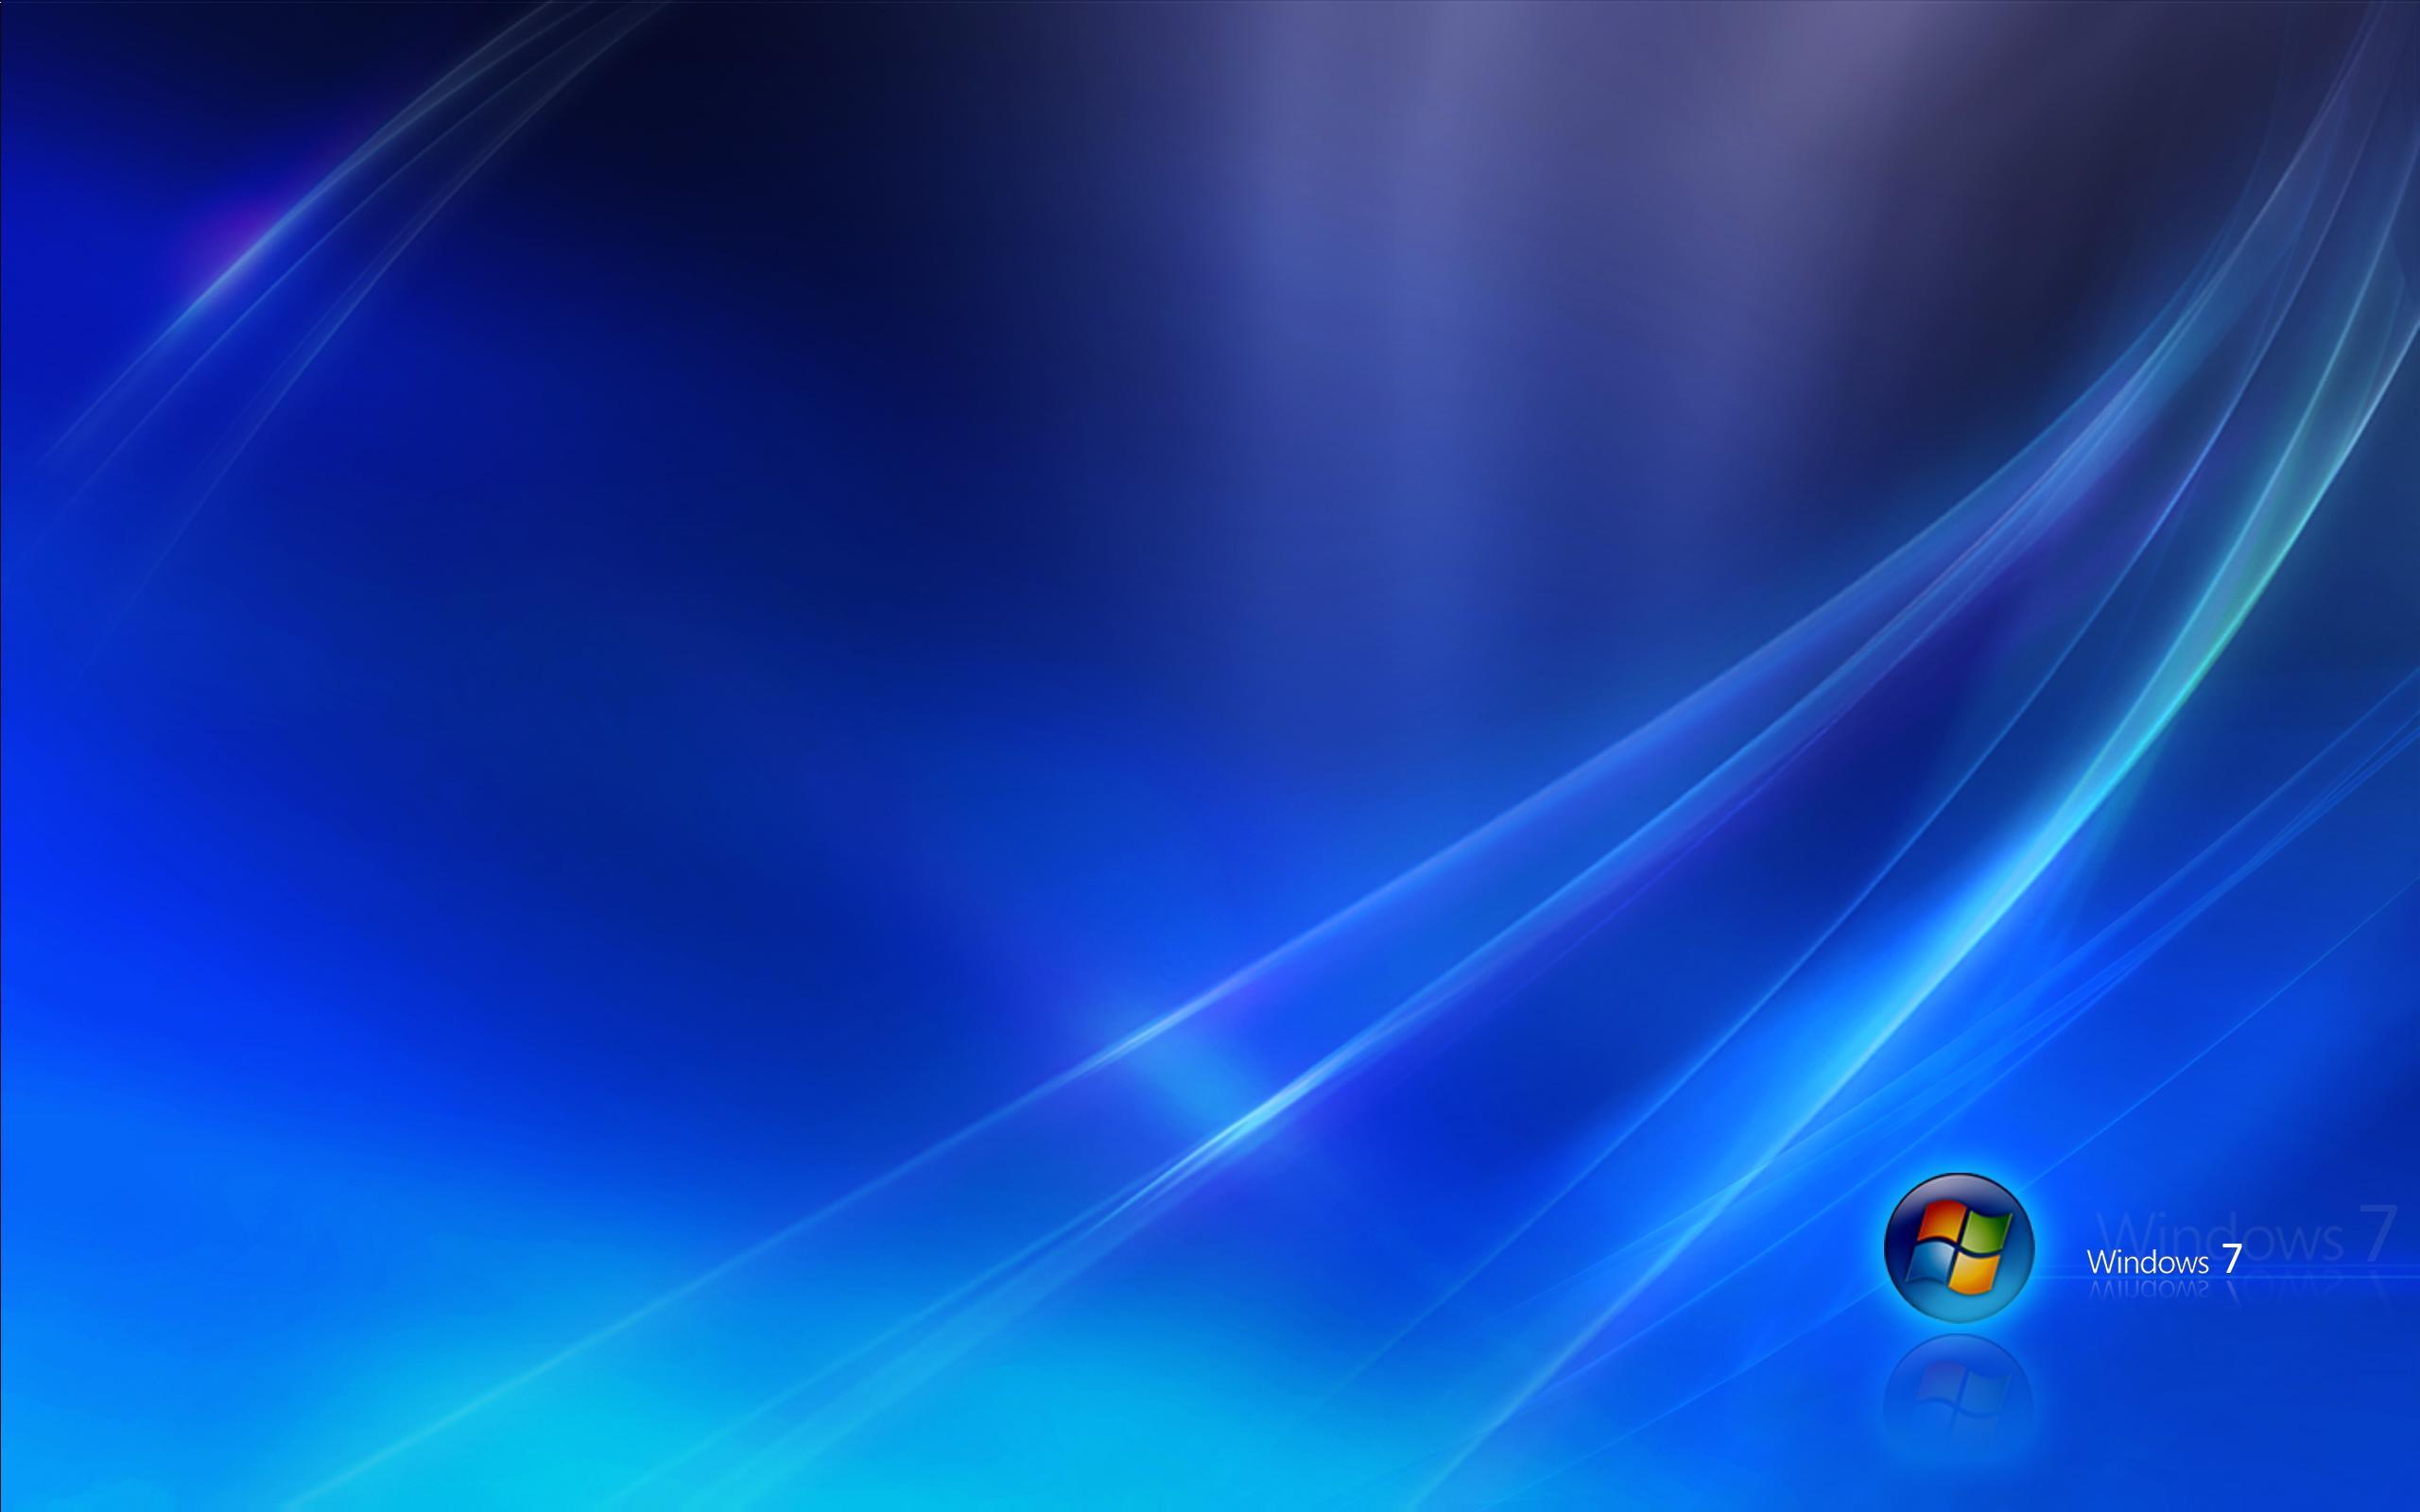 下代系统windows 7 初体验图片